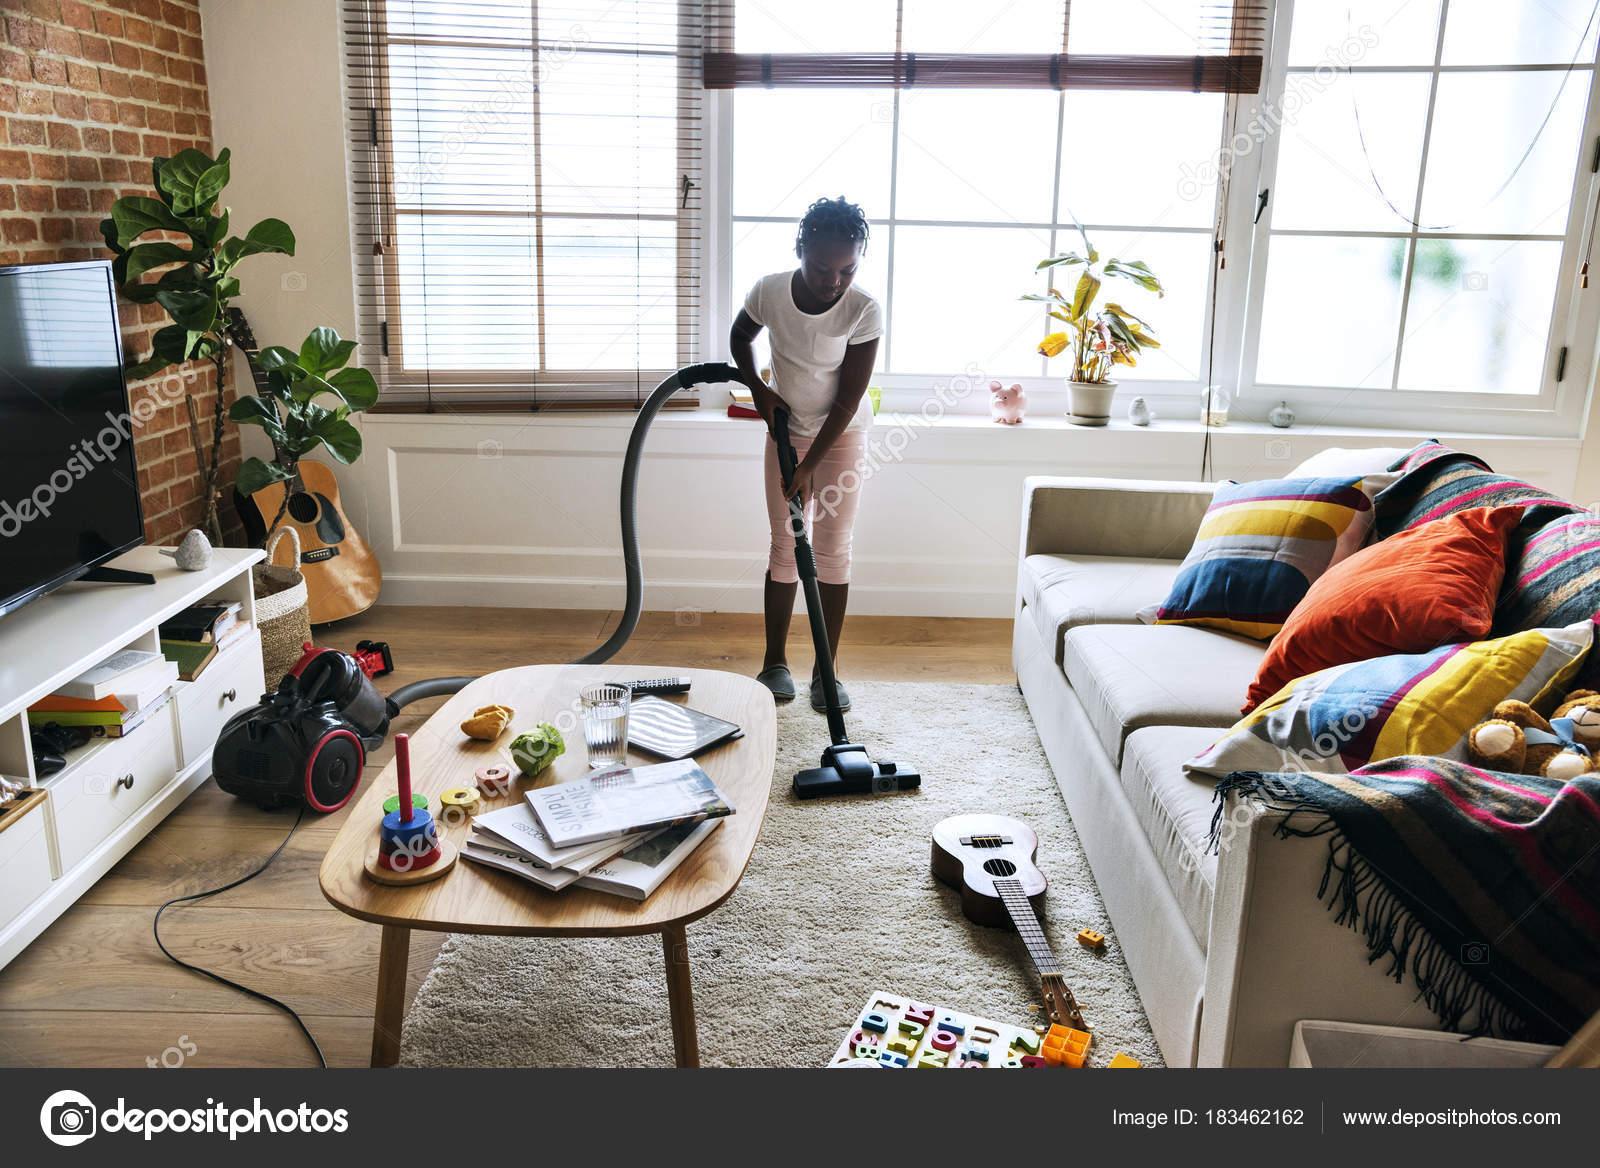 Fußboden Im Wohnzimmer ~ Afrikanische mädchen saugen fußboden wohnzimmer u2014 stockfoto